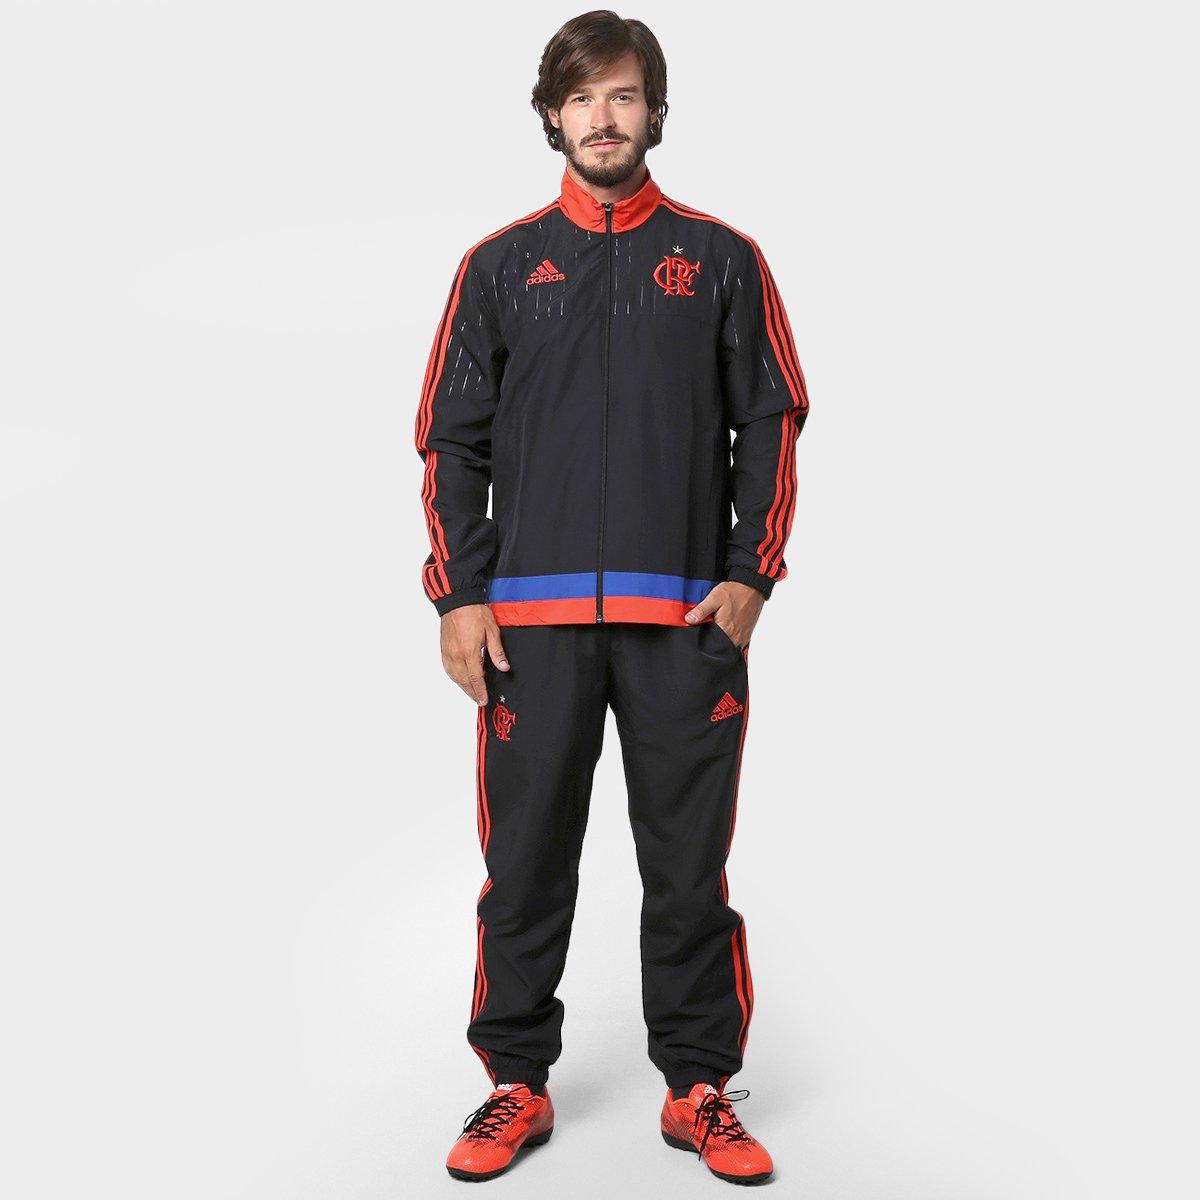 Agasalho Adidas Flamengo Viagem - Compre Agora  a5457bbce2c93